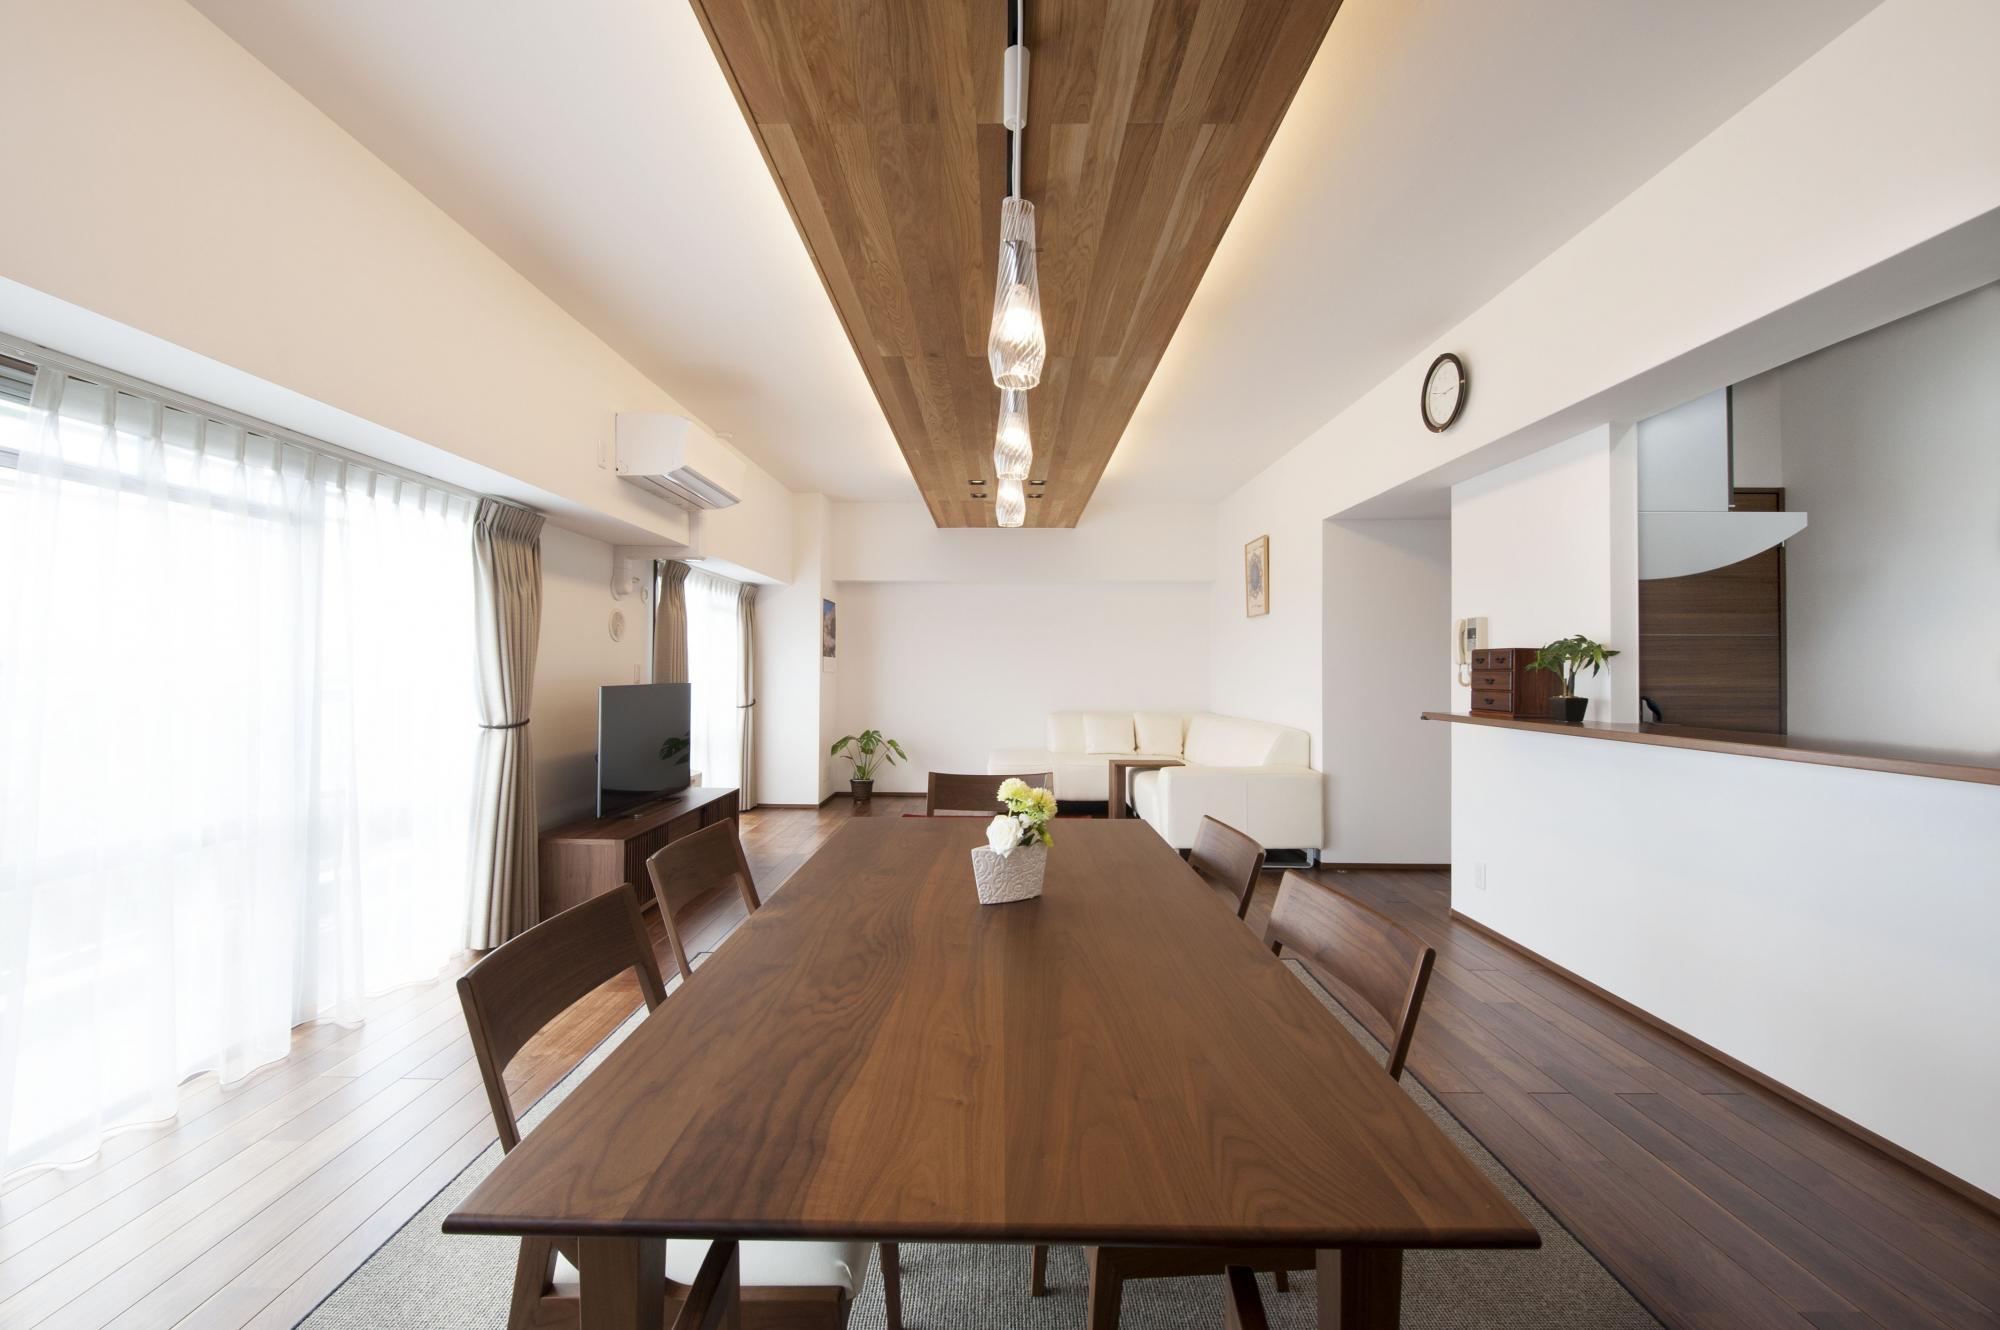 元々天井が低かった和室部分は、リビングと同じ高さに天井を上げてひと続きの空間に。家具はインテリアにあわせてコーディネートした。